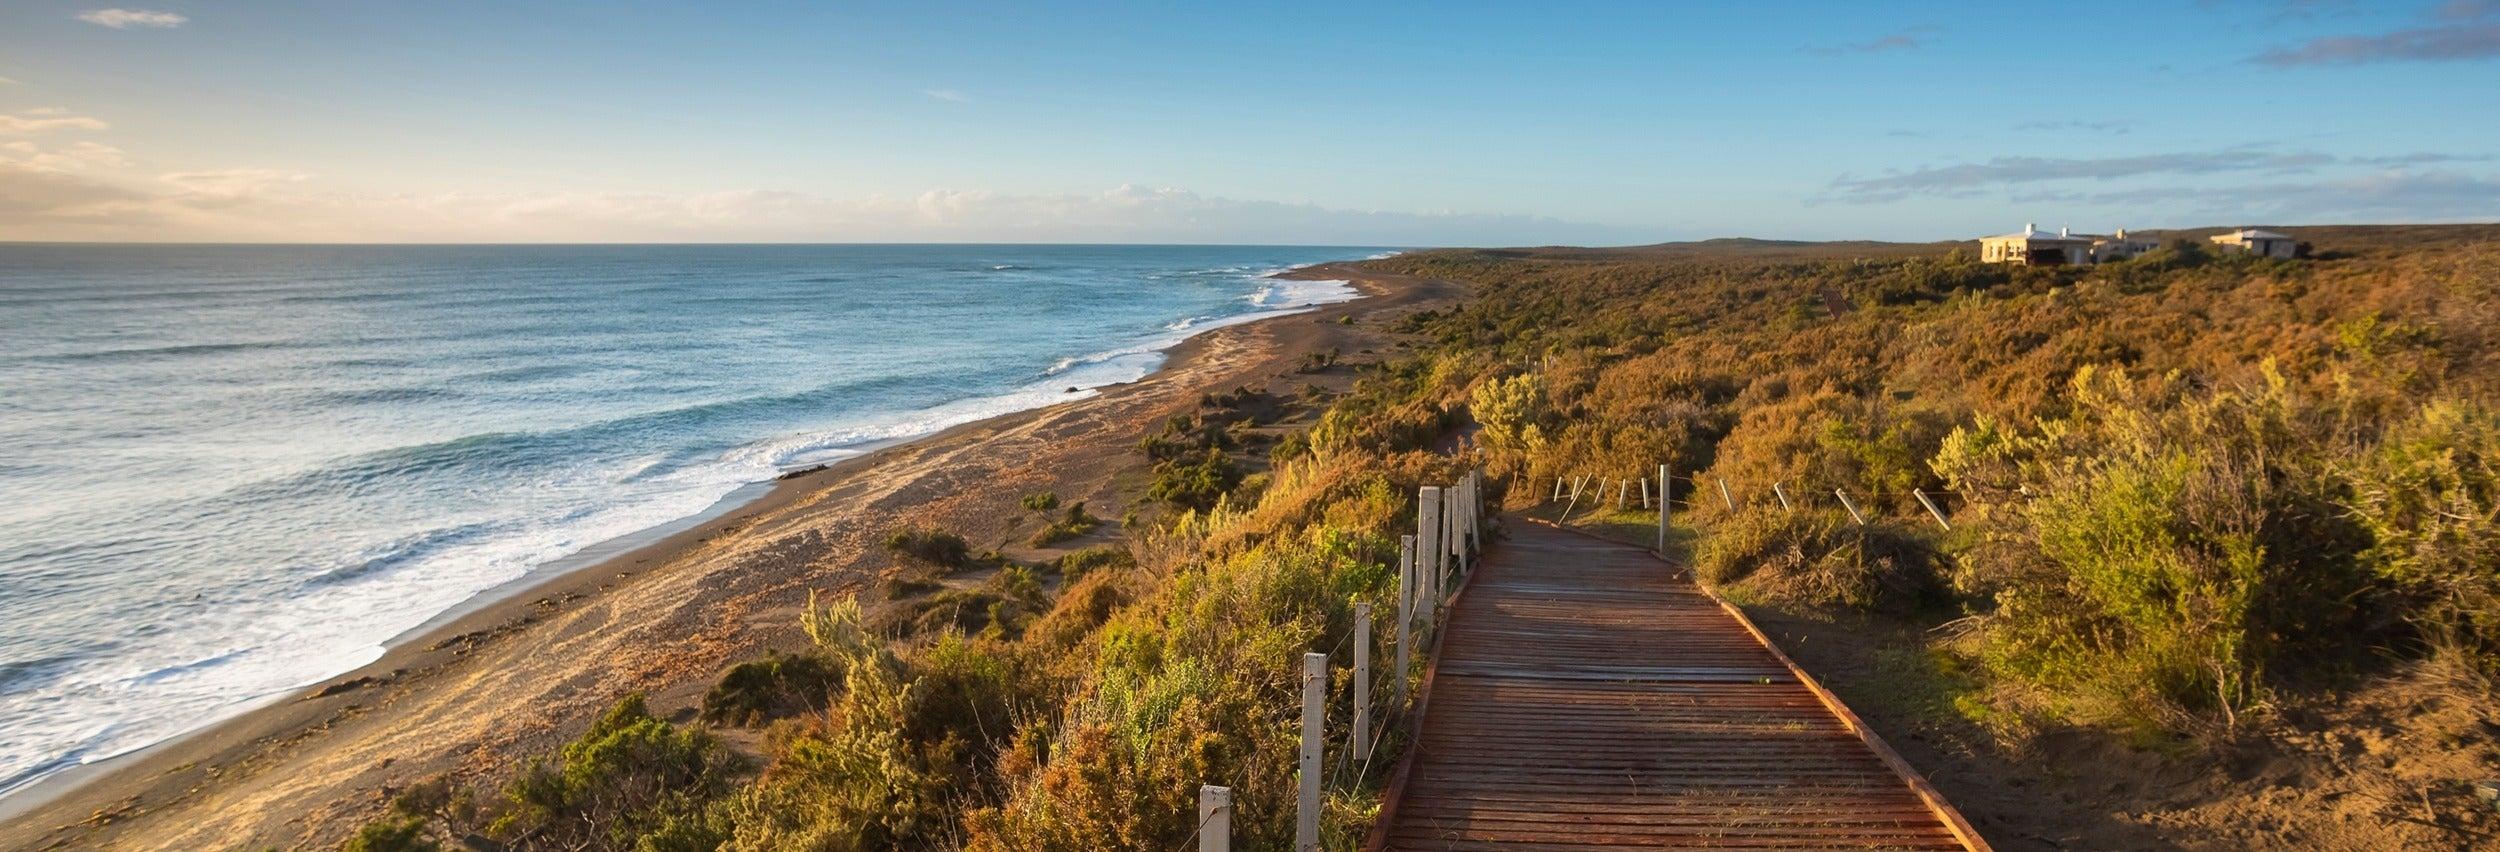 Excursión al norte de la Península Valdés